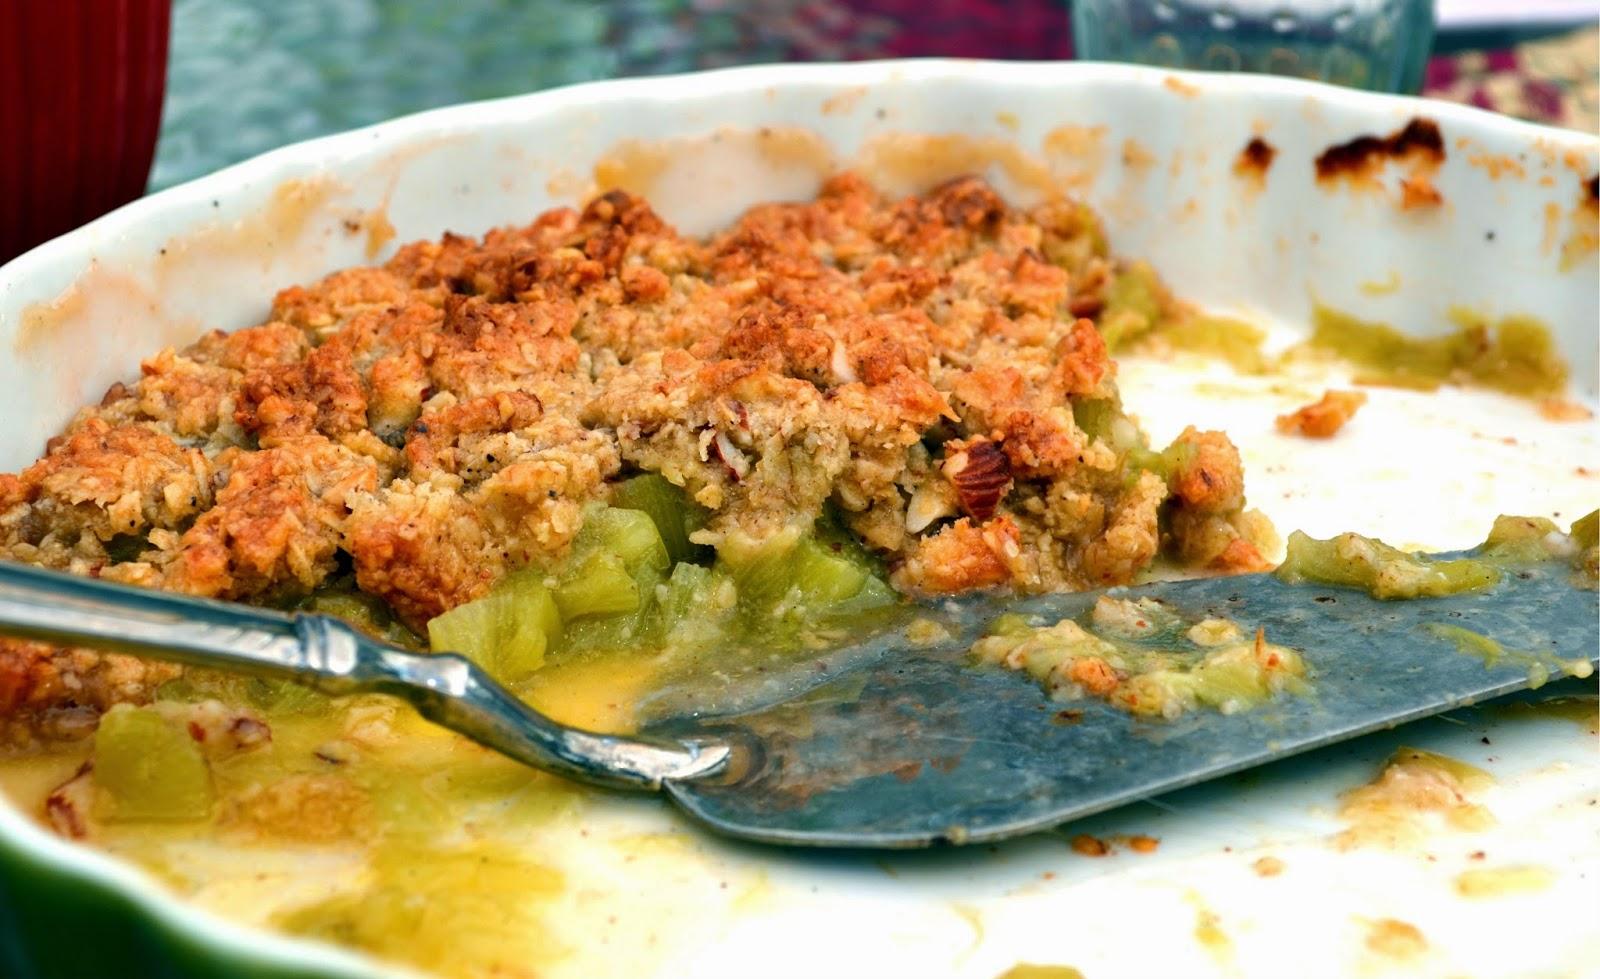 rabarberpaj med mandel